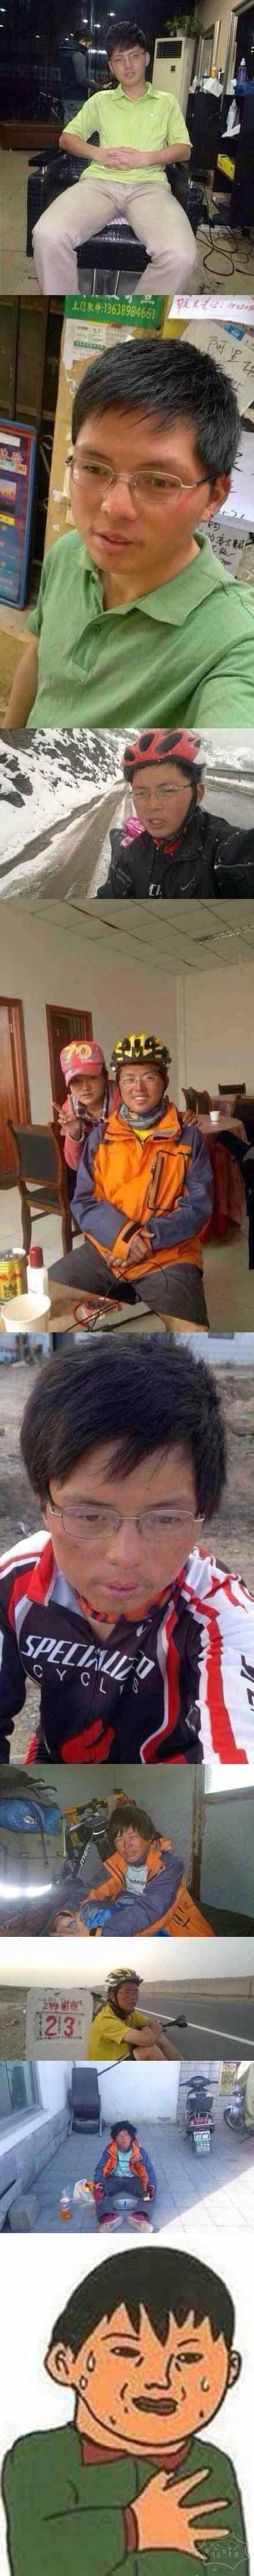 帅哥骑行西藏的照片,不忍直视!